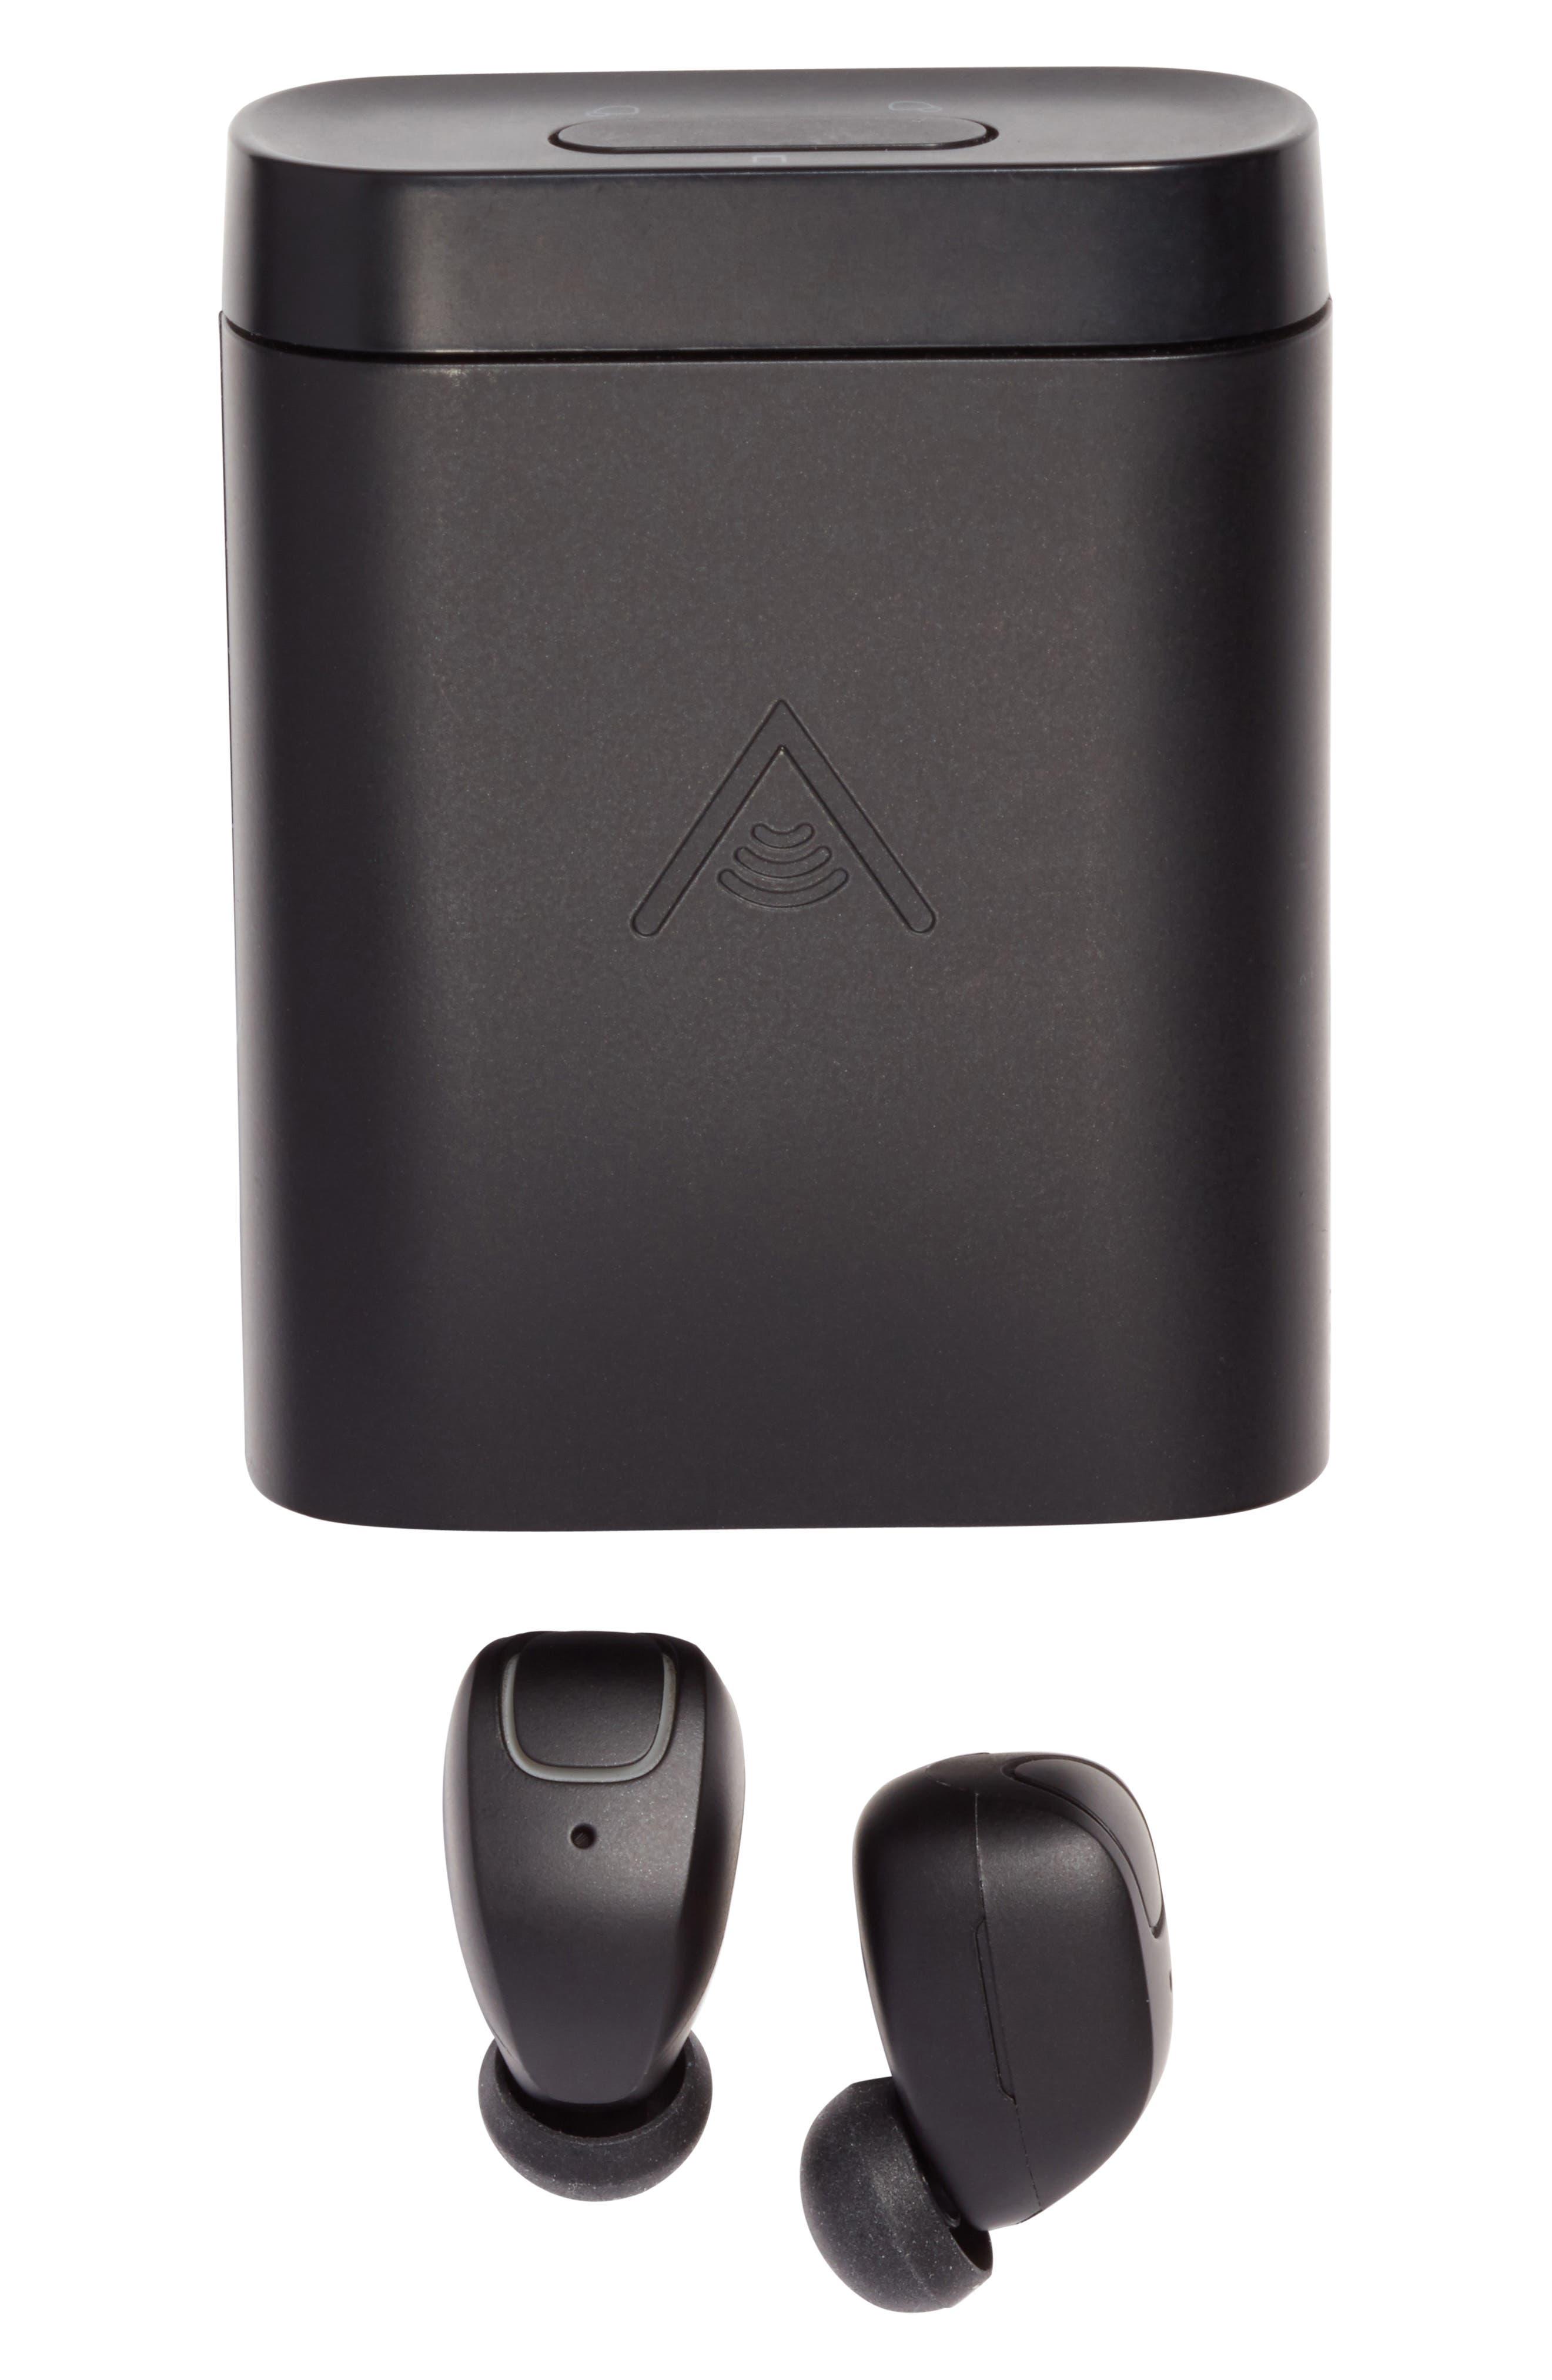 Skybuds Truly Wireless Earbuds